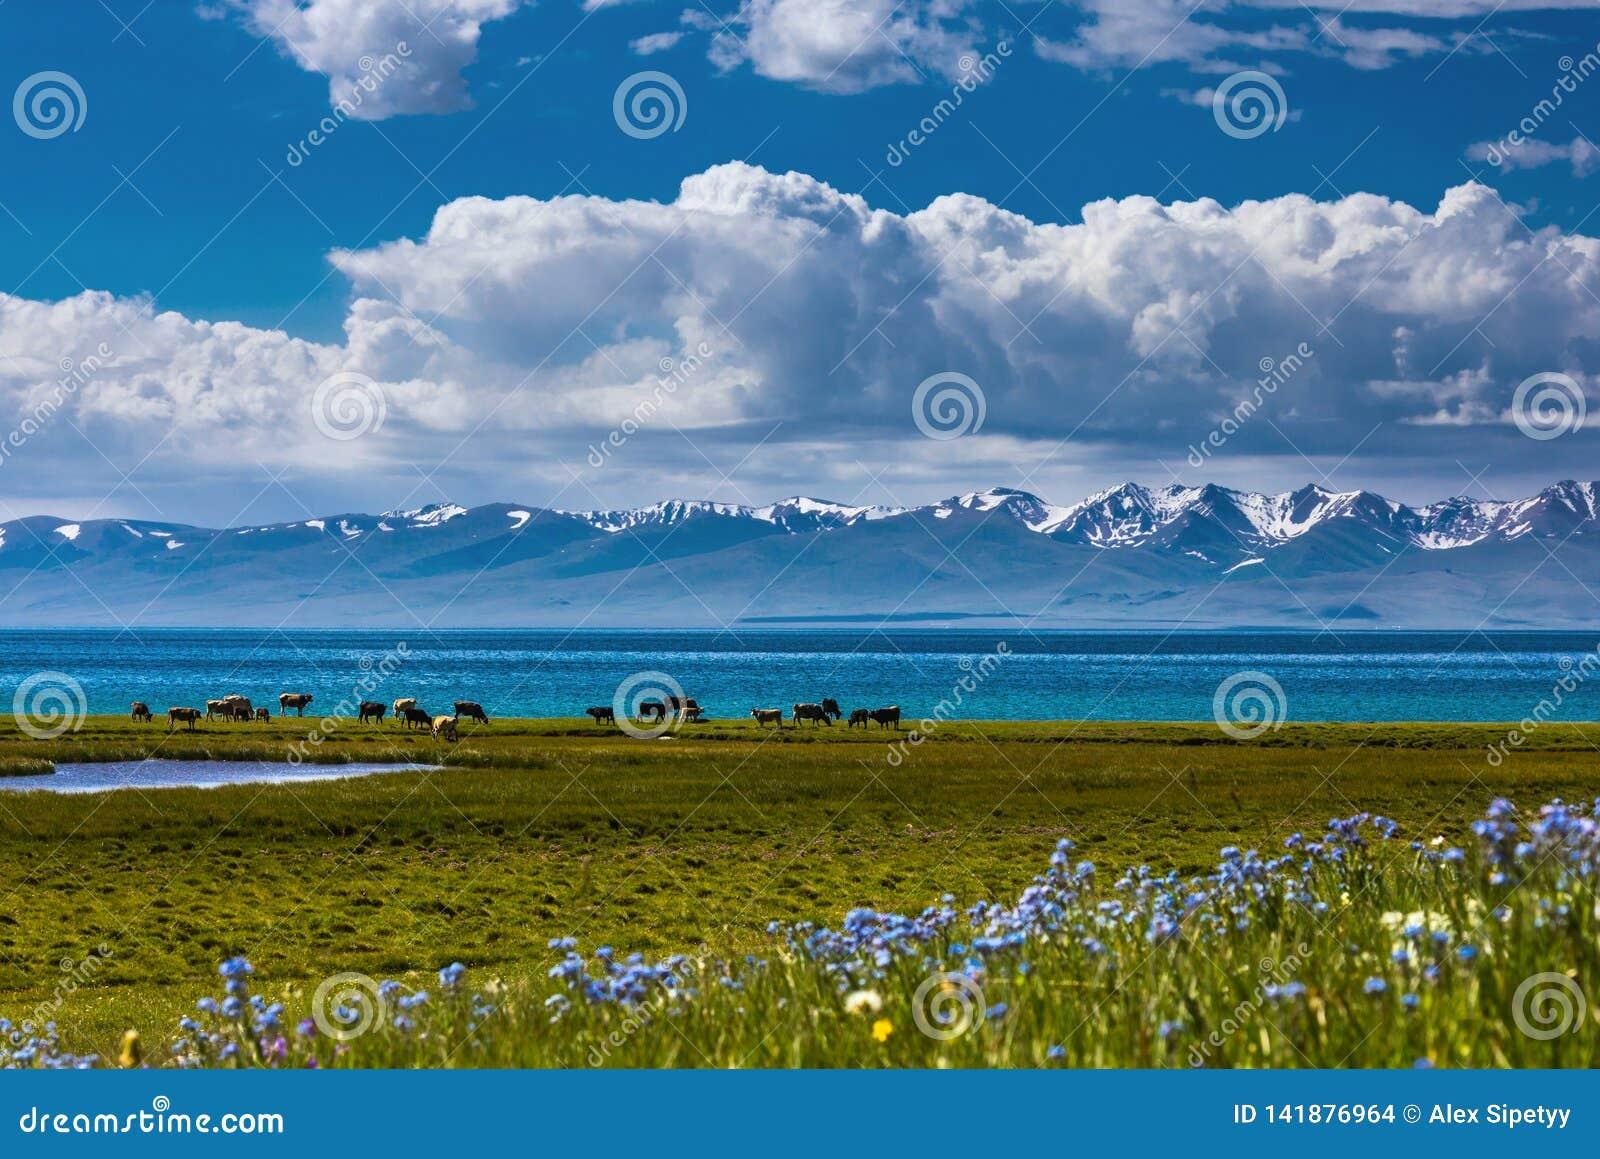 Pascolo tradizionale nelle alte montagne kyrgyzstan Lago Kol di canzone